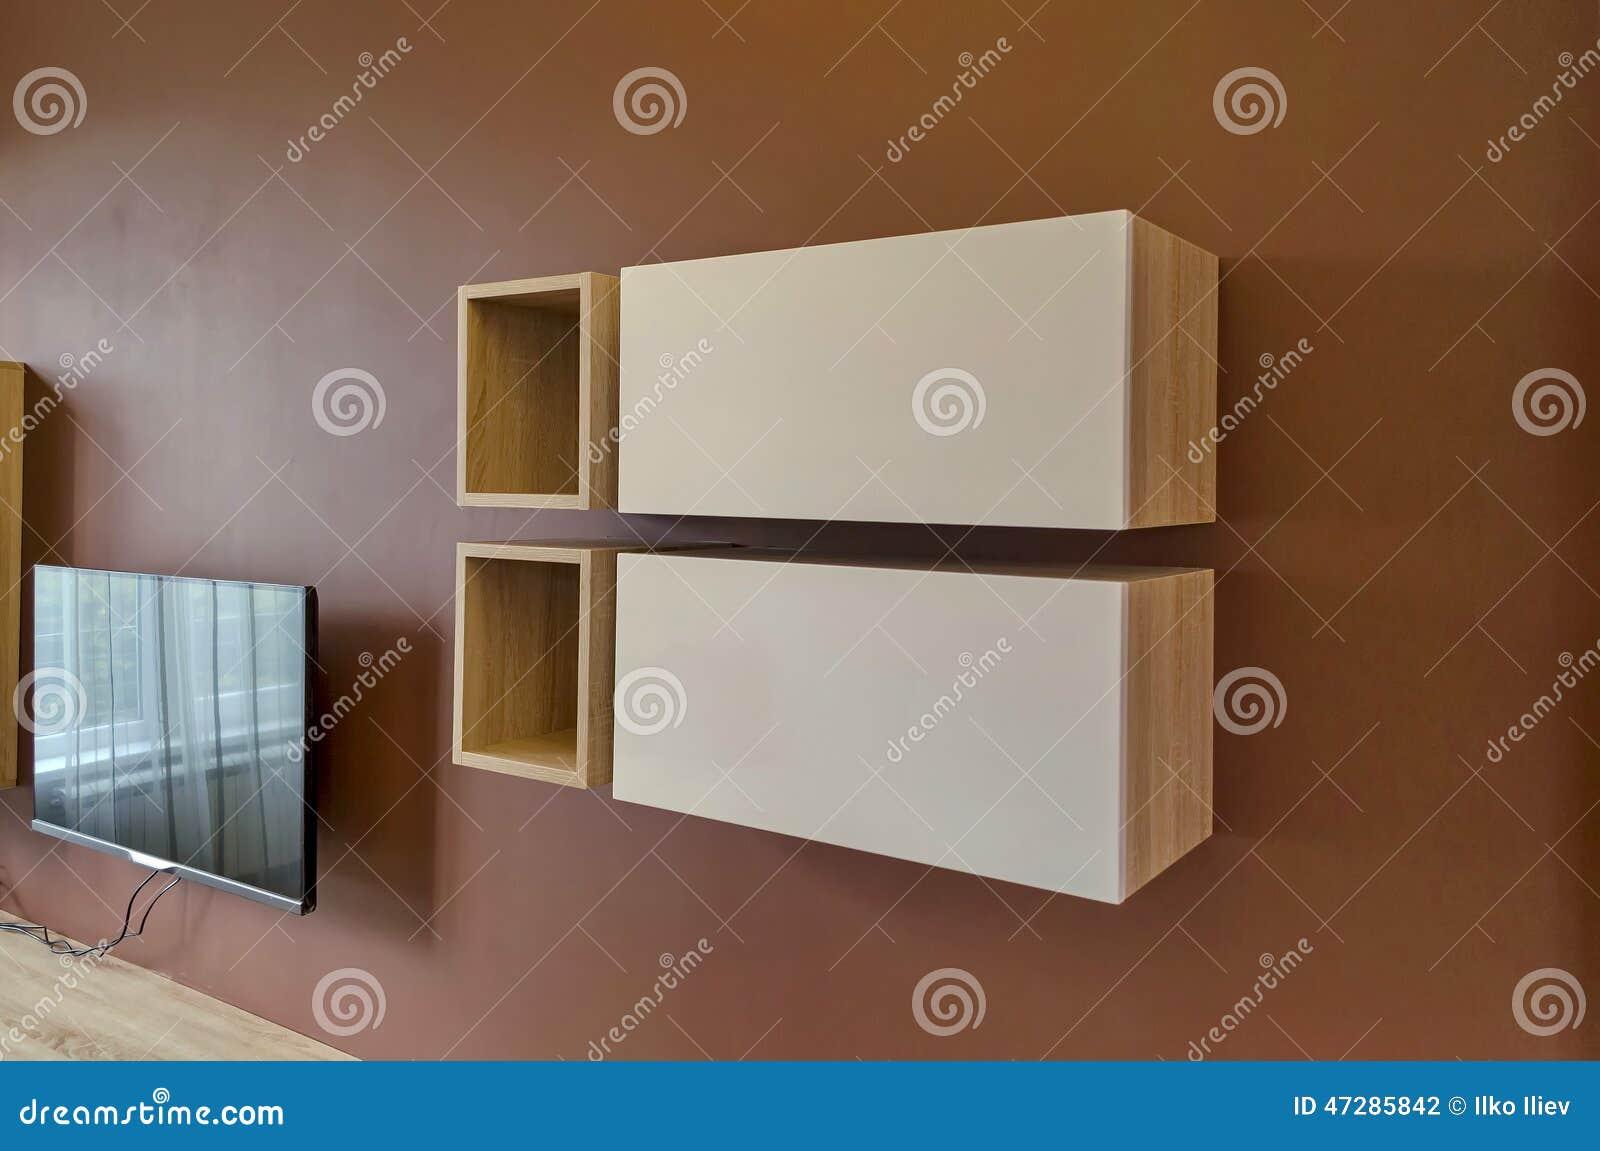 wand im wohnzimmer mit schrank und fernsehen stockfoto bild 47285842. Black Bedroom Furniture Sets. Home Design Ideas